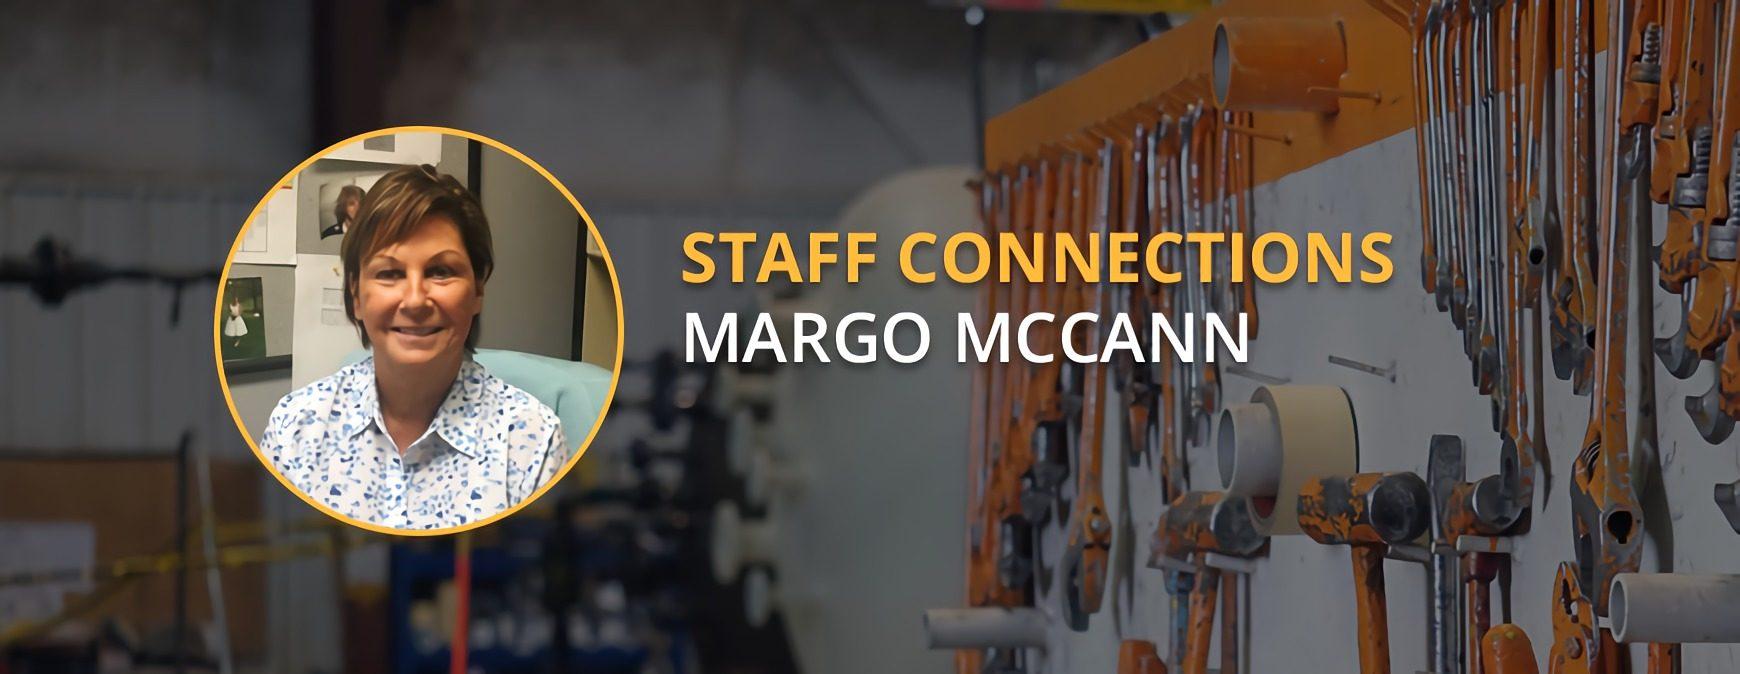 Margo Mcann staff connection